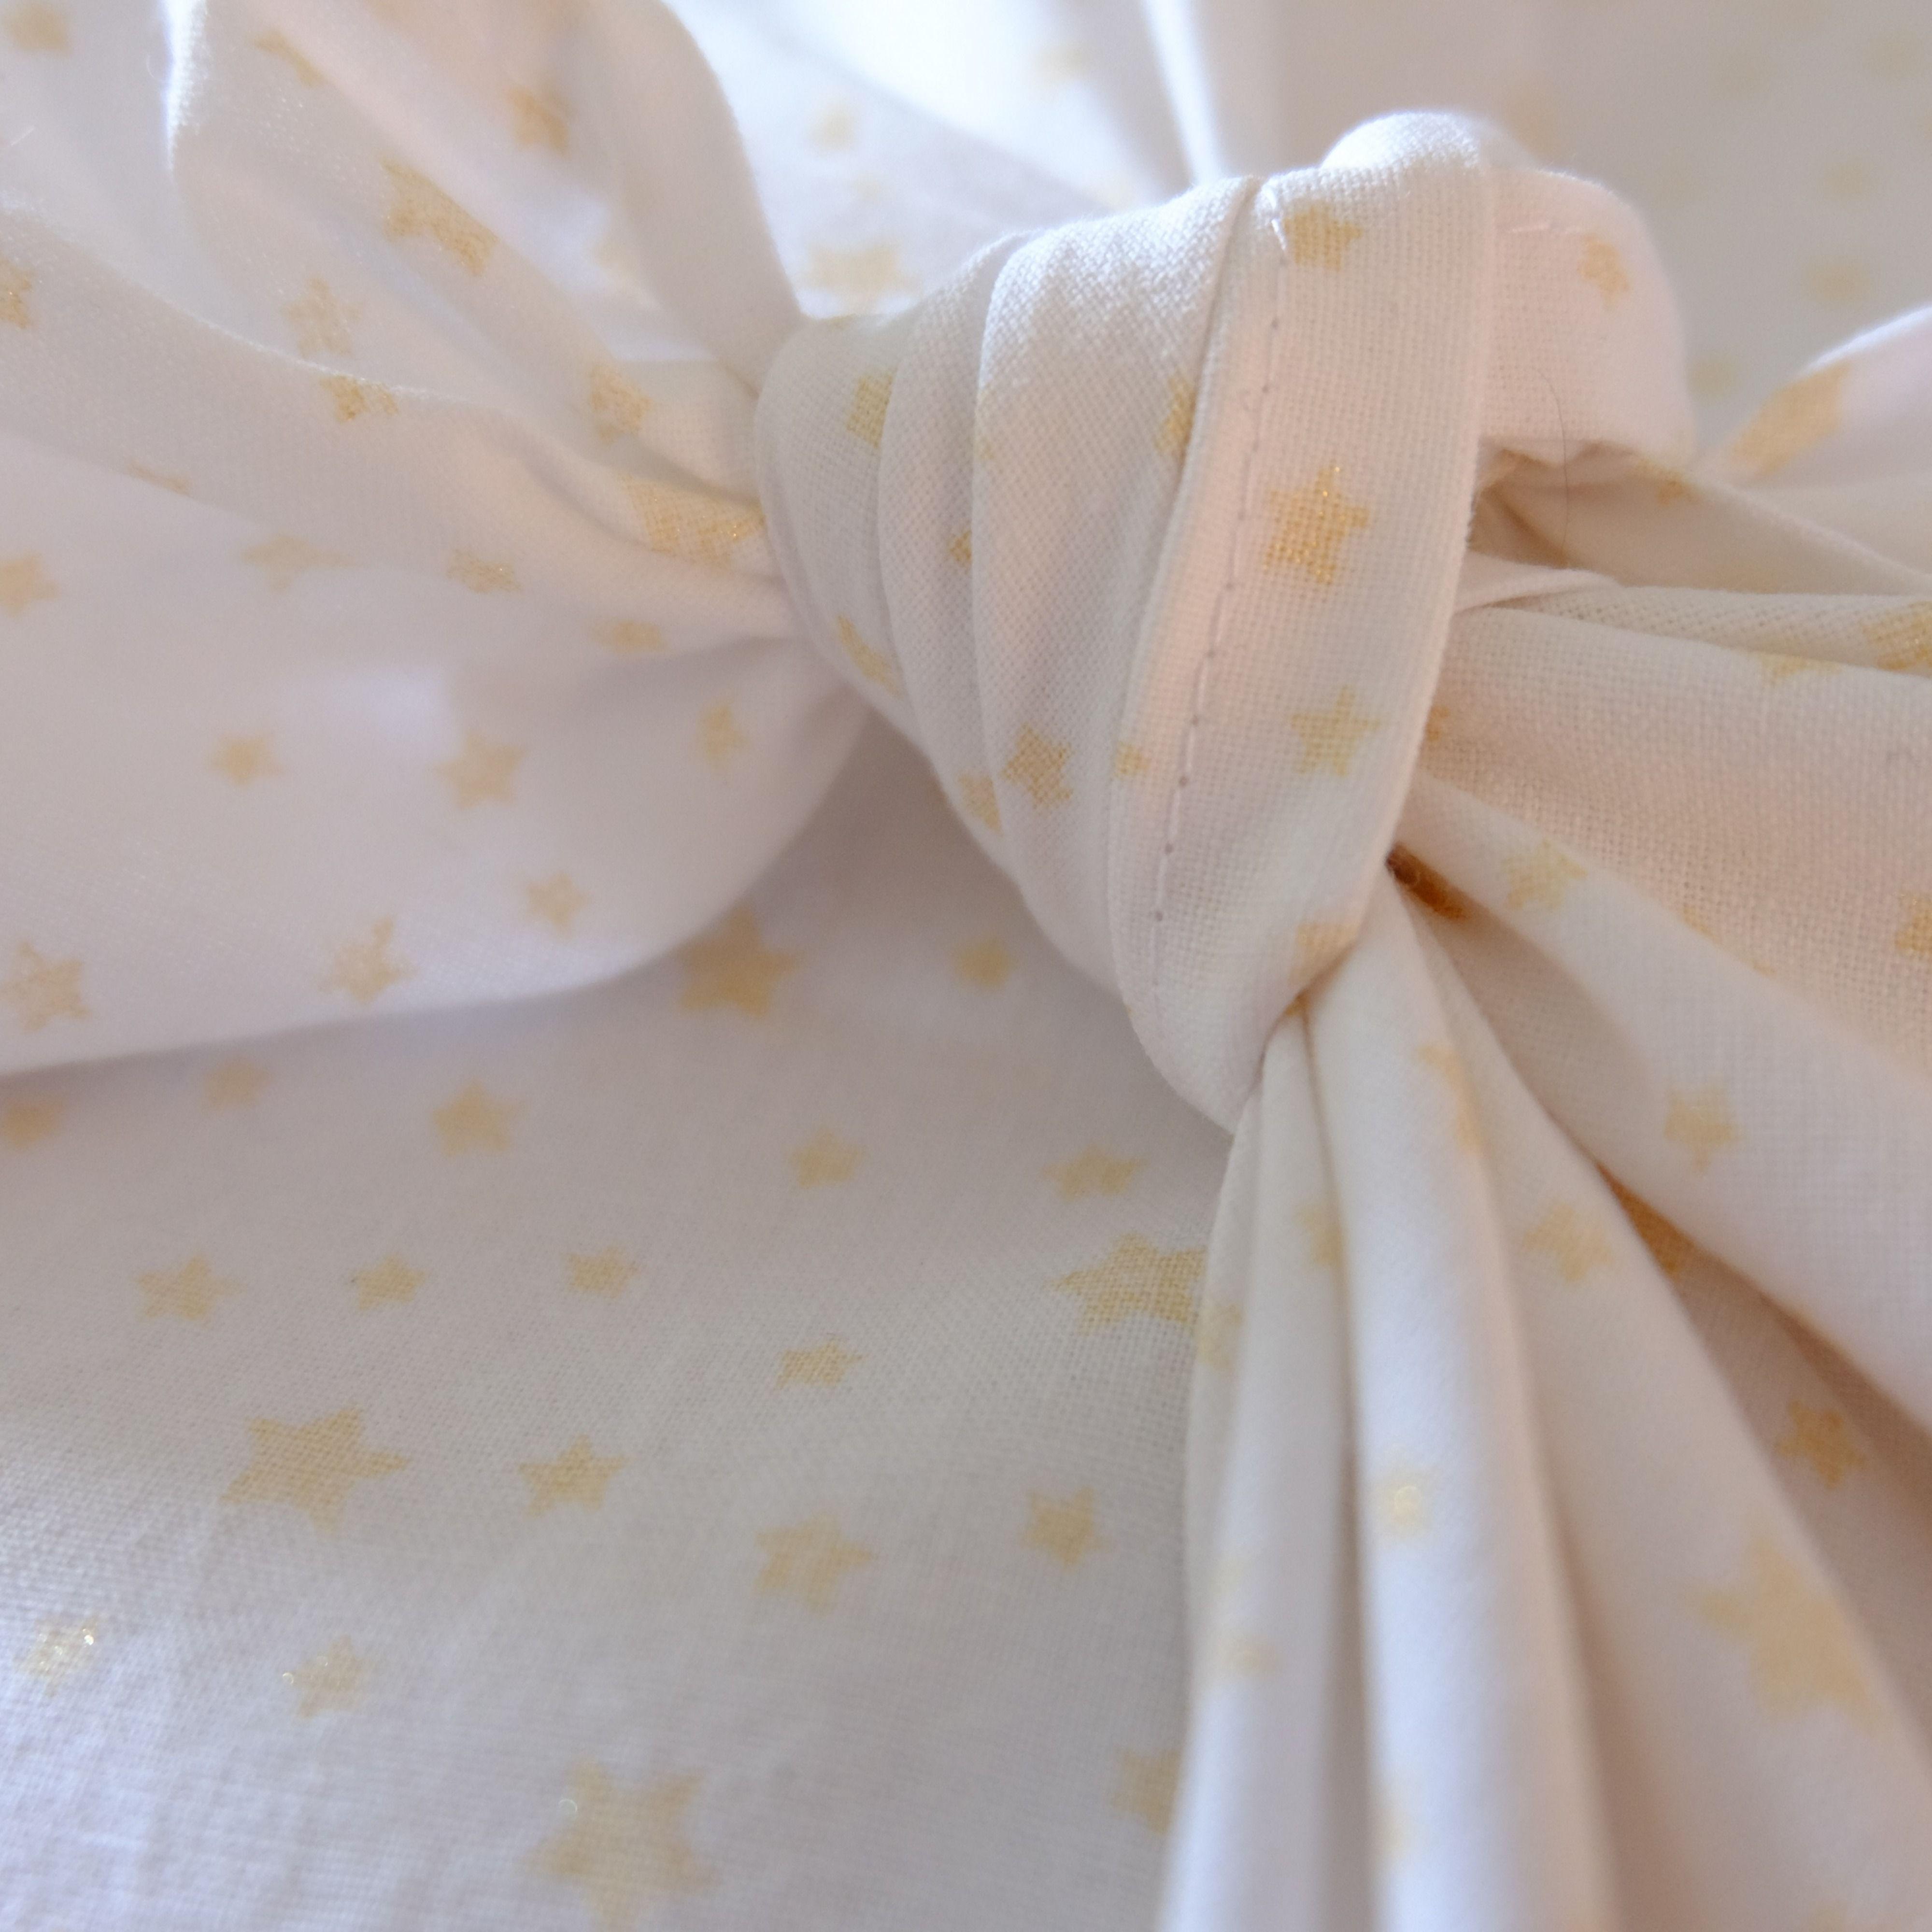 Le plus récent Totalement gratuit Emballage Cadeau tissus Réflexions,Furoshiki - Emballag...